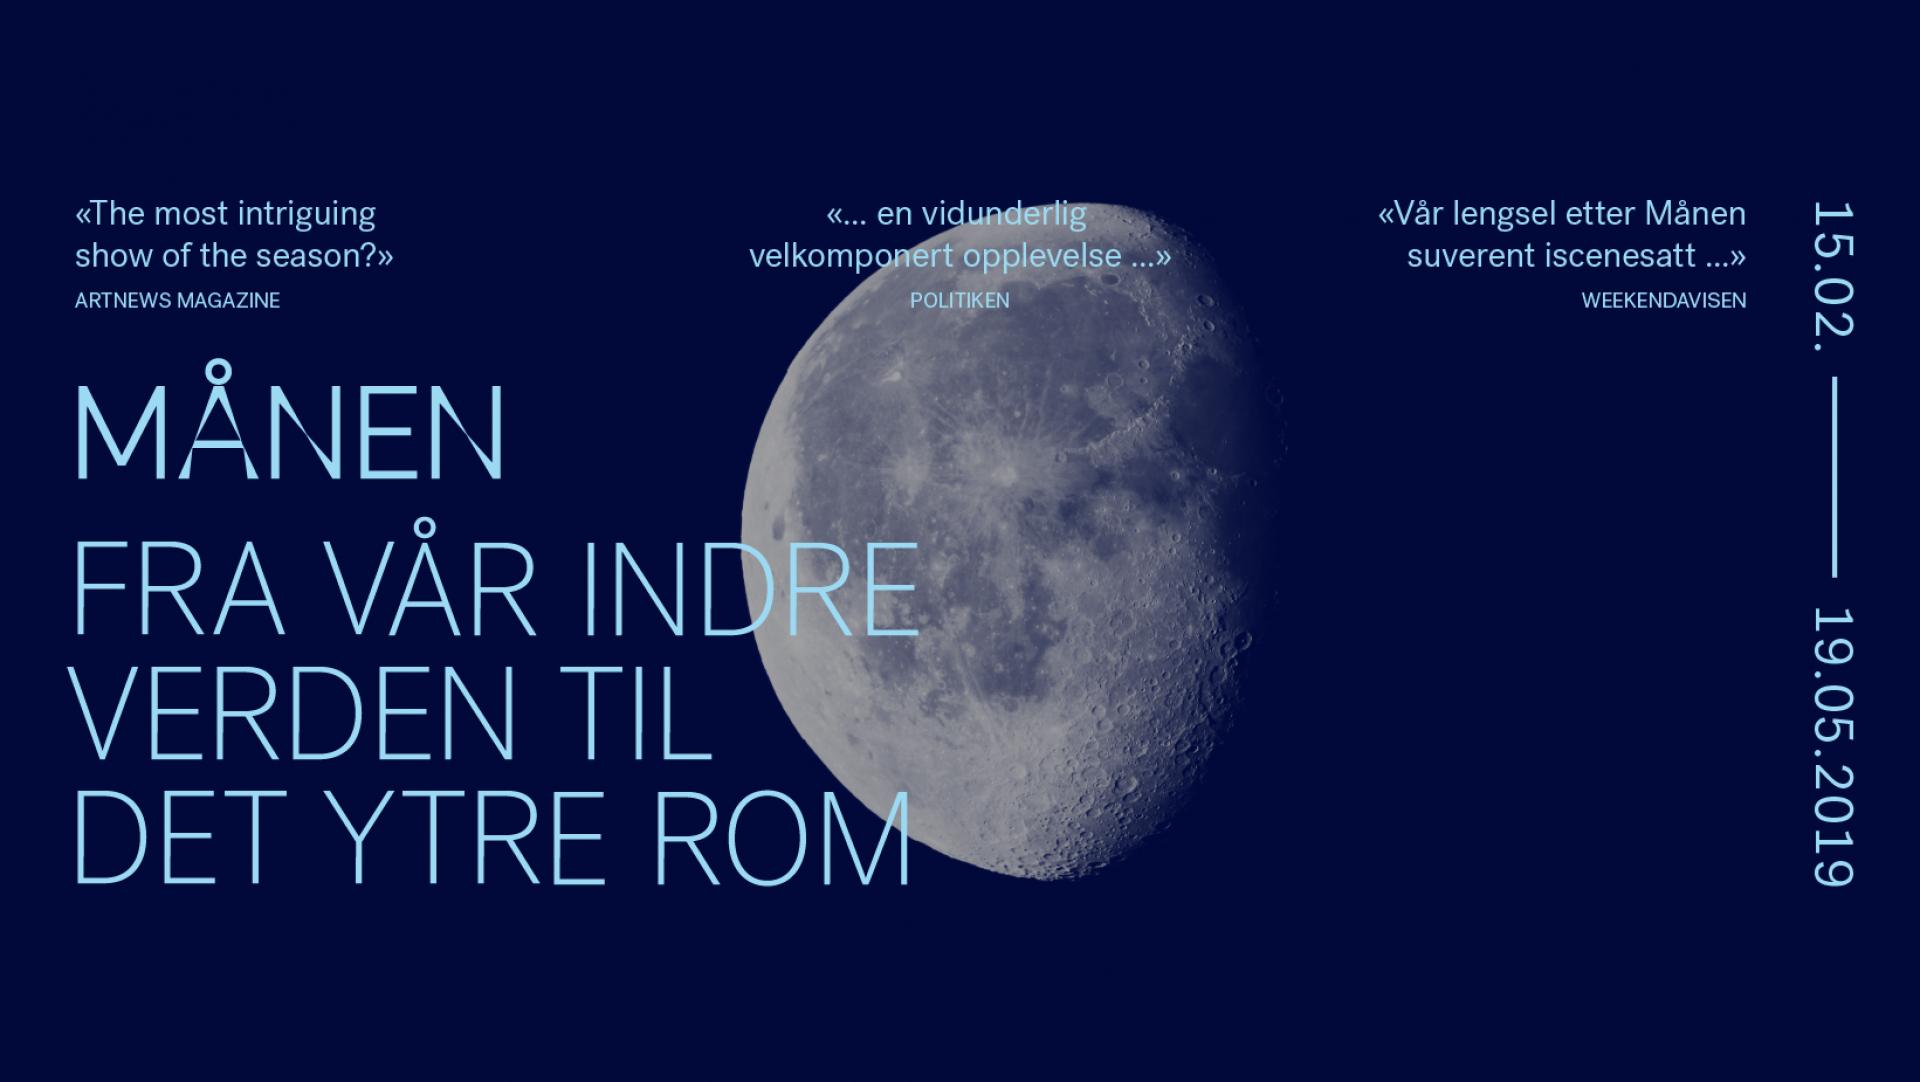 Månen - fra vår indre verden til det ytre rom